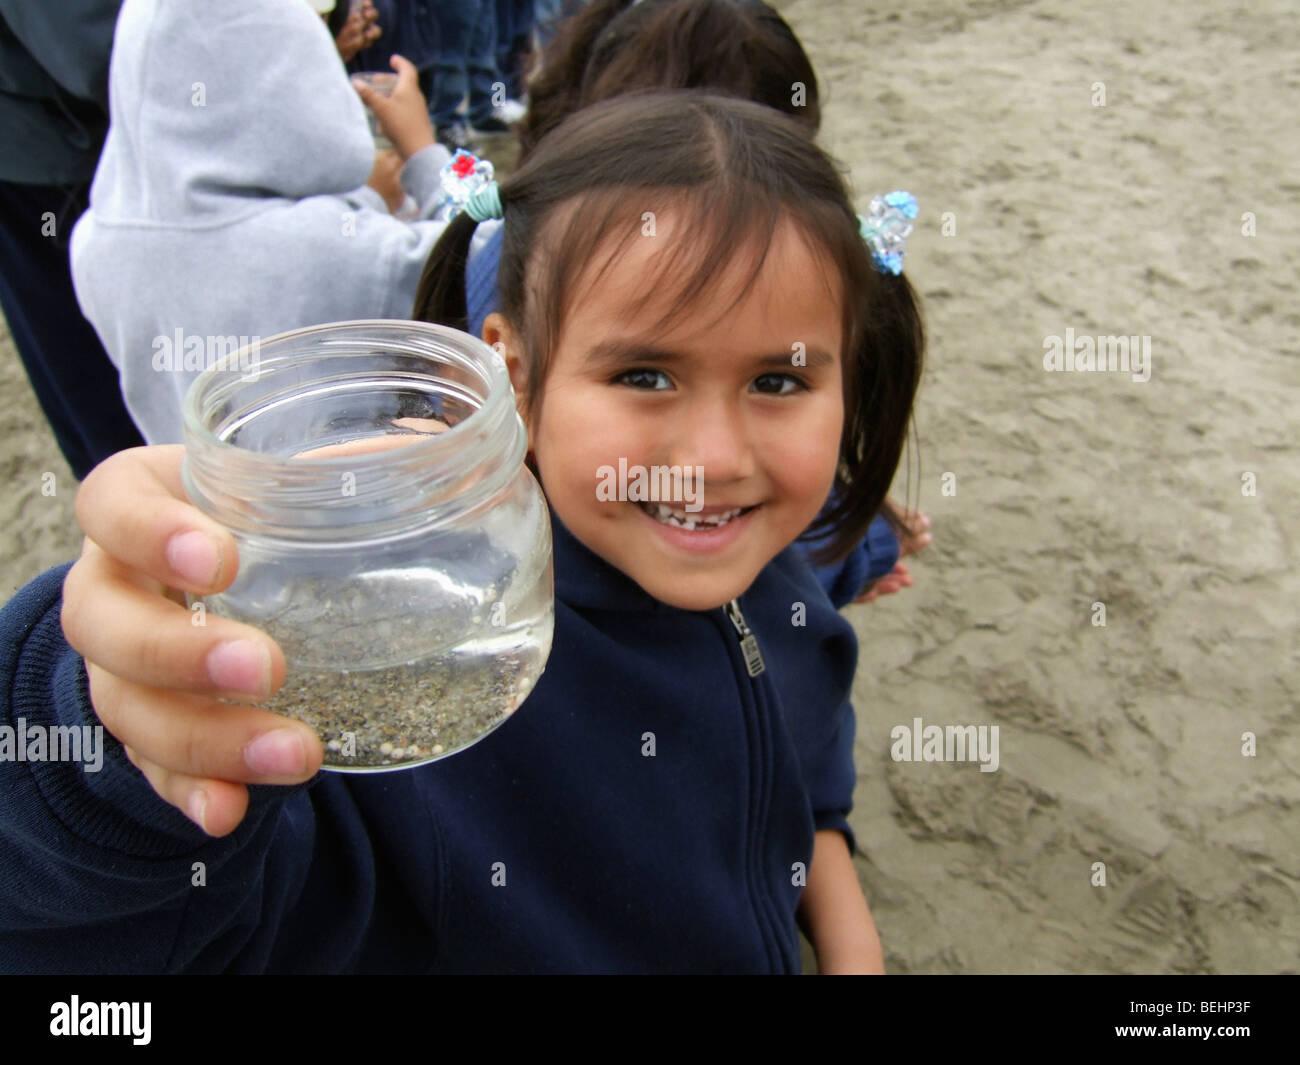 Girl zeigt Glas auf Exkursion Stockbild